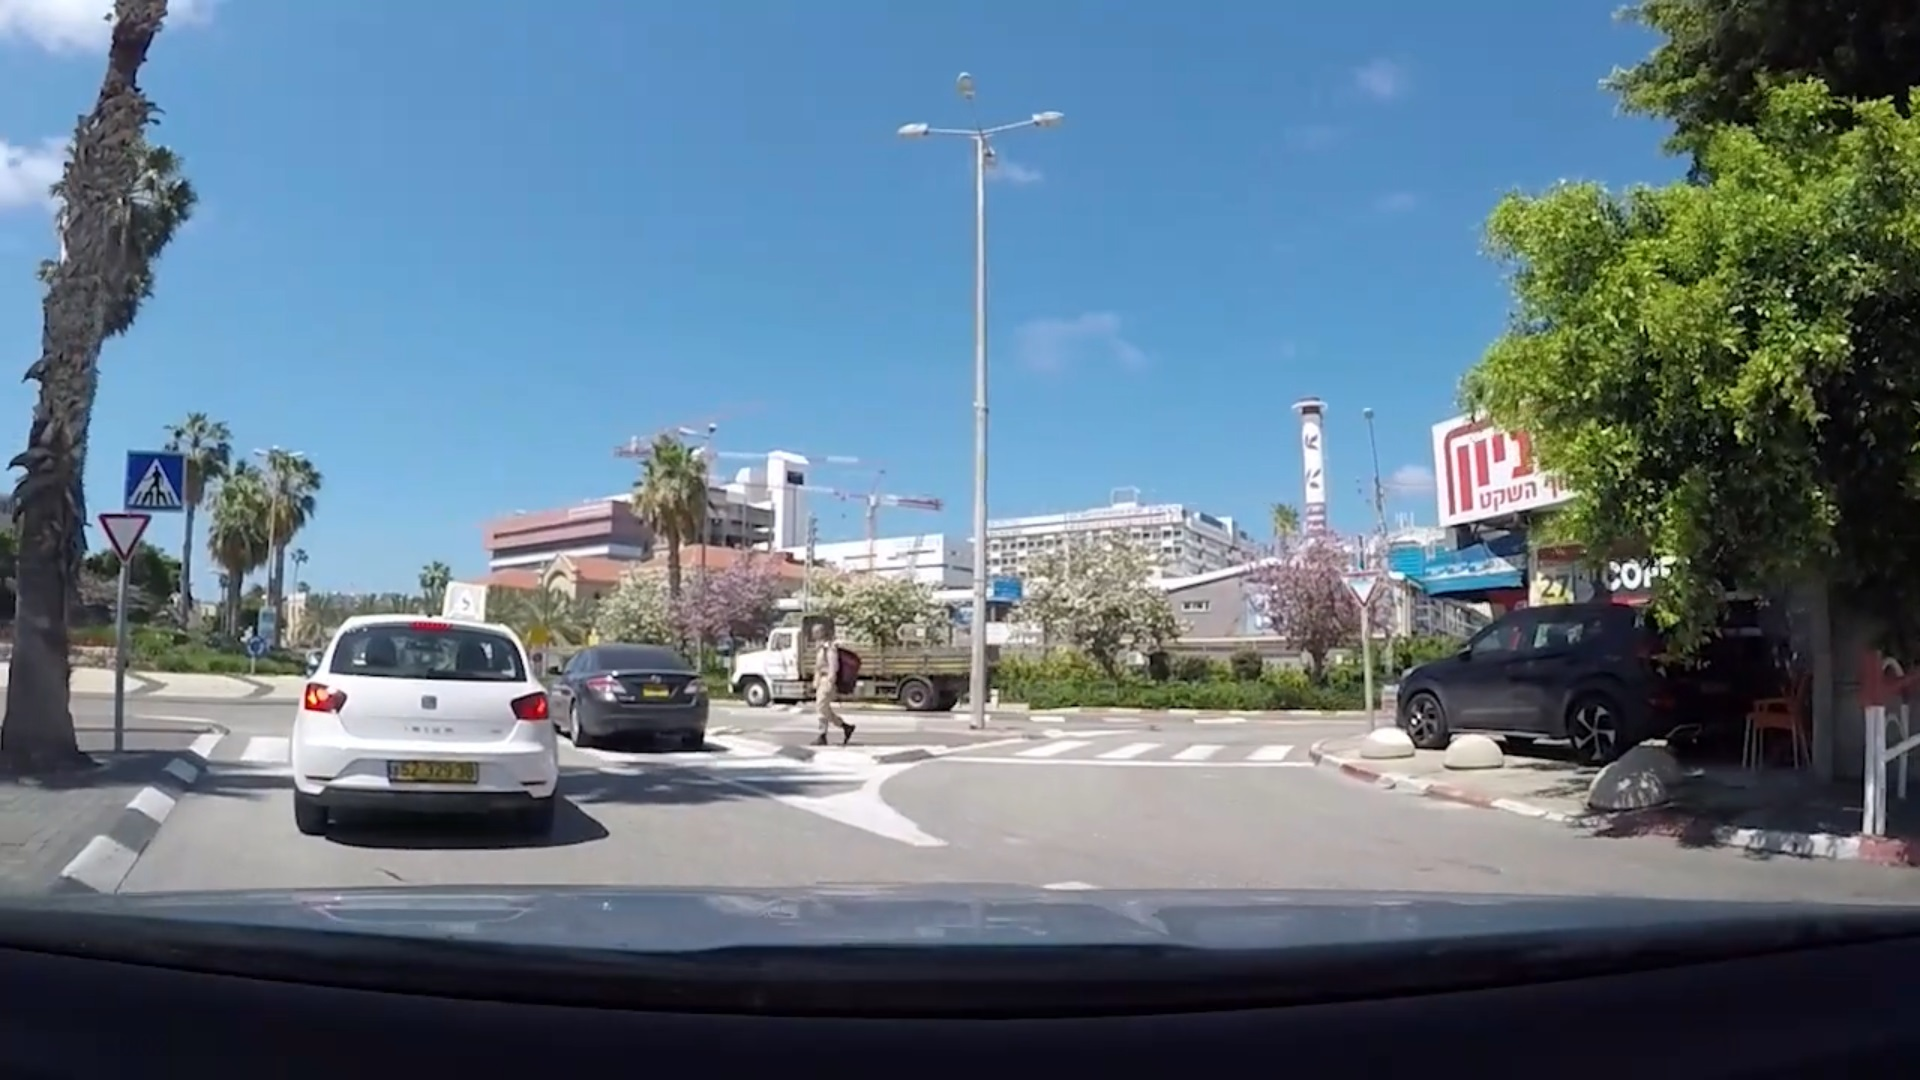 איך לעבור טסט בחיפה